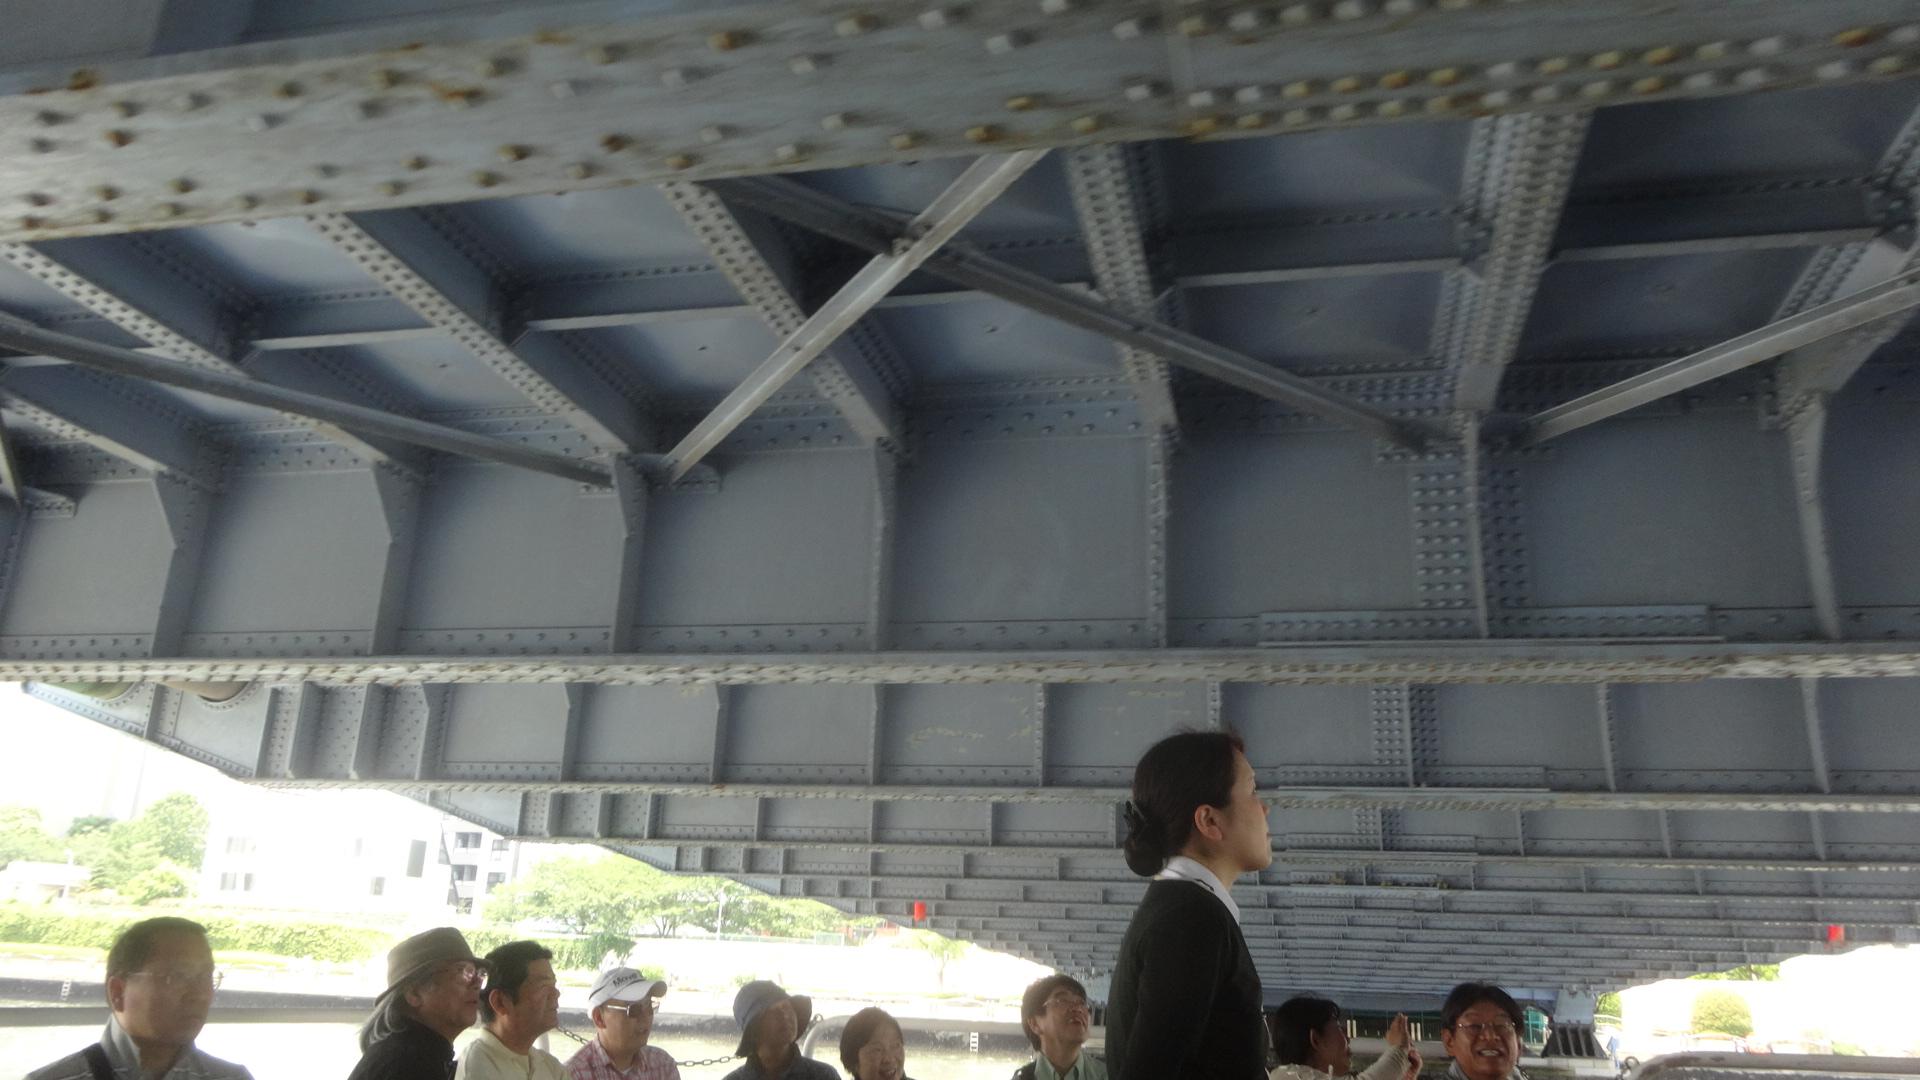 頭のすぐ上に見える橋の下の部分